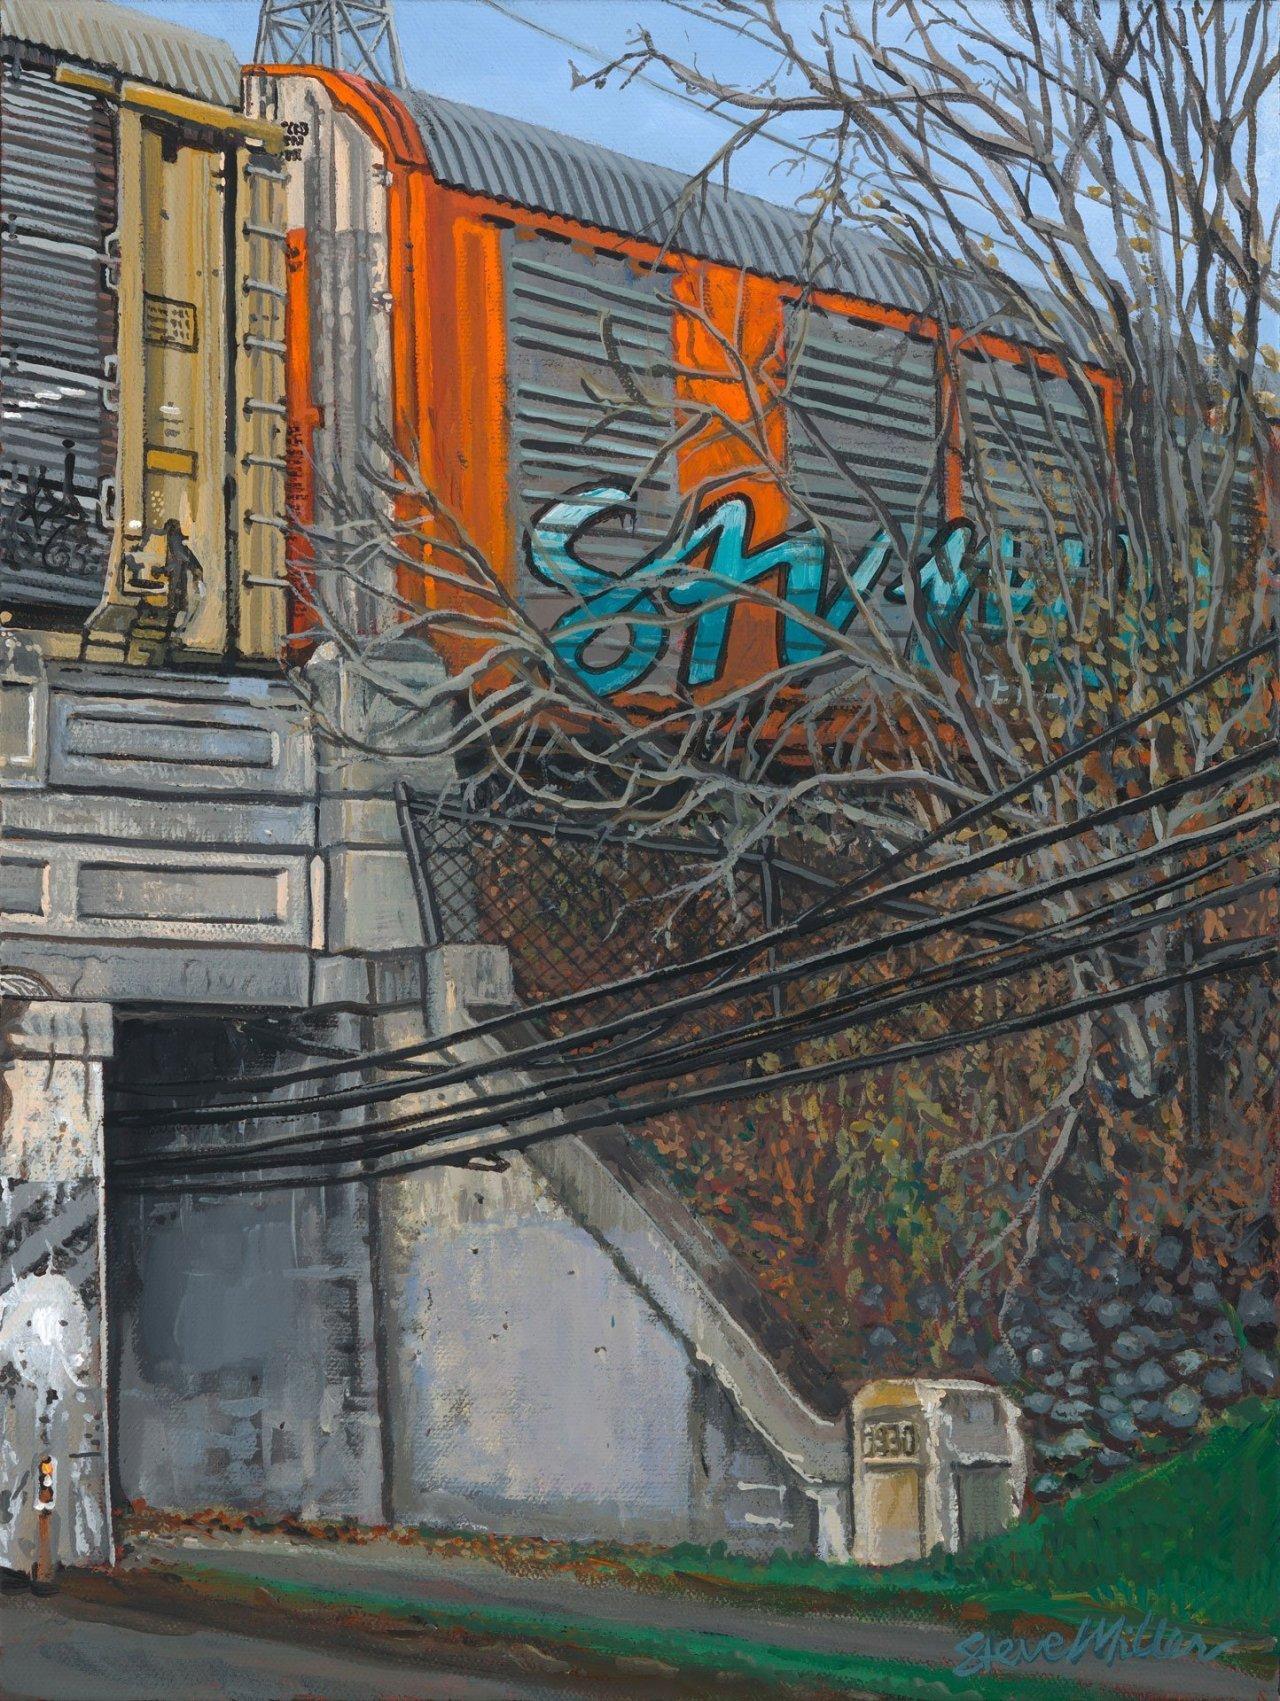 """Train Stop 12"""" x 16"""" x 1.5"""" acrylic on canvas 12/4/19 © Steve Miller 2019"""